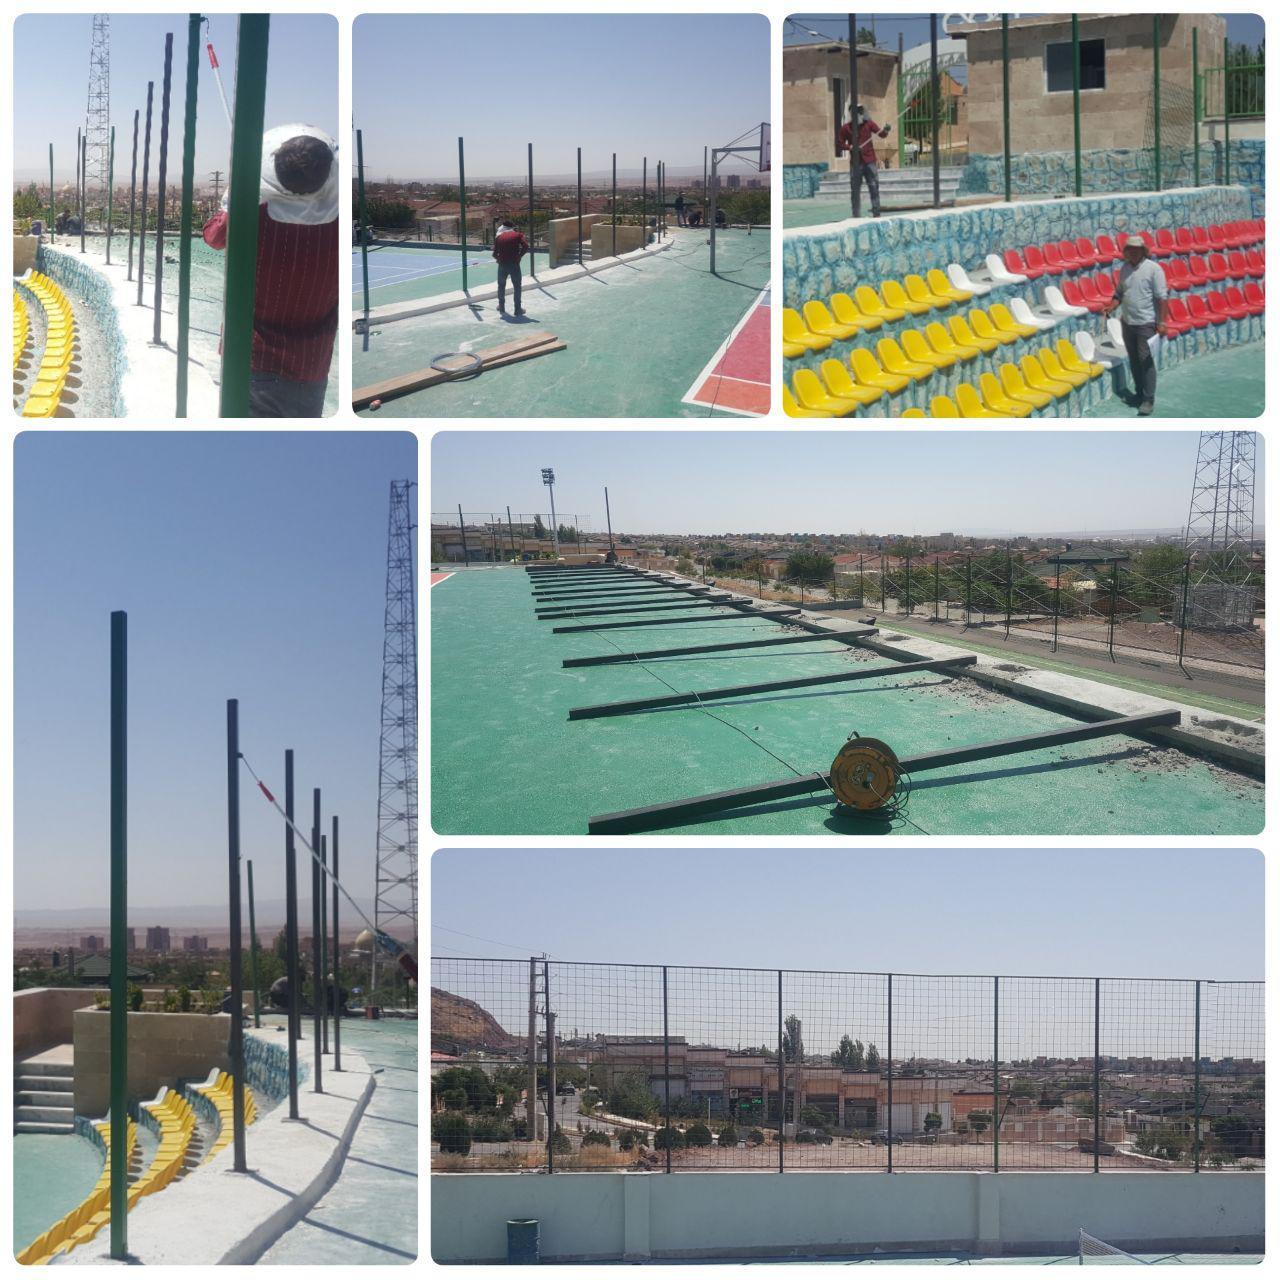 نصب و رنگ آمیزی نرده های پیرامونی مجموعه ورزشی المپیک